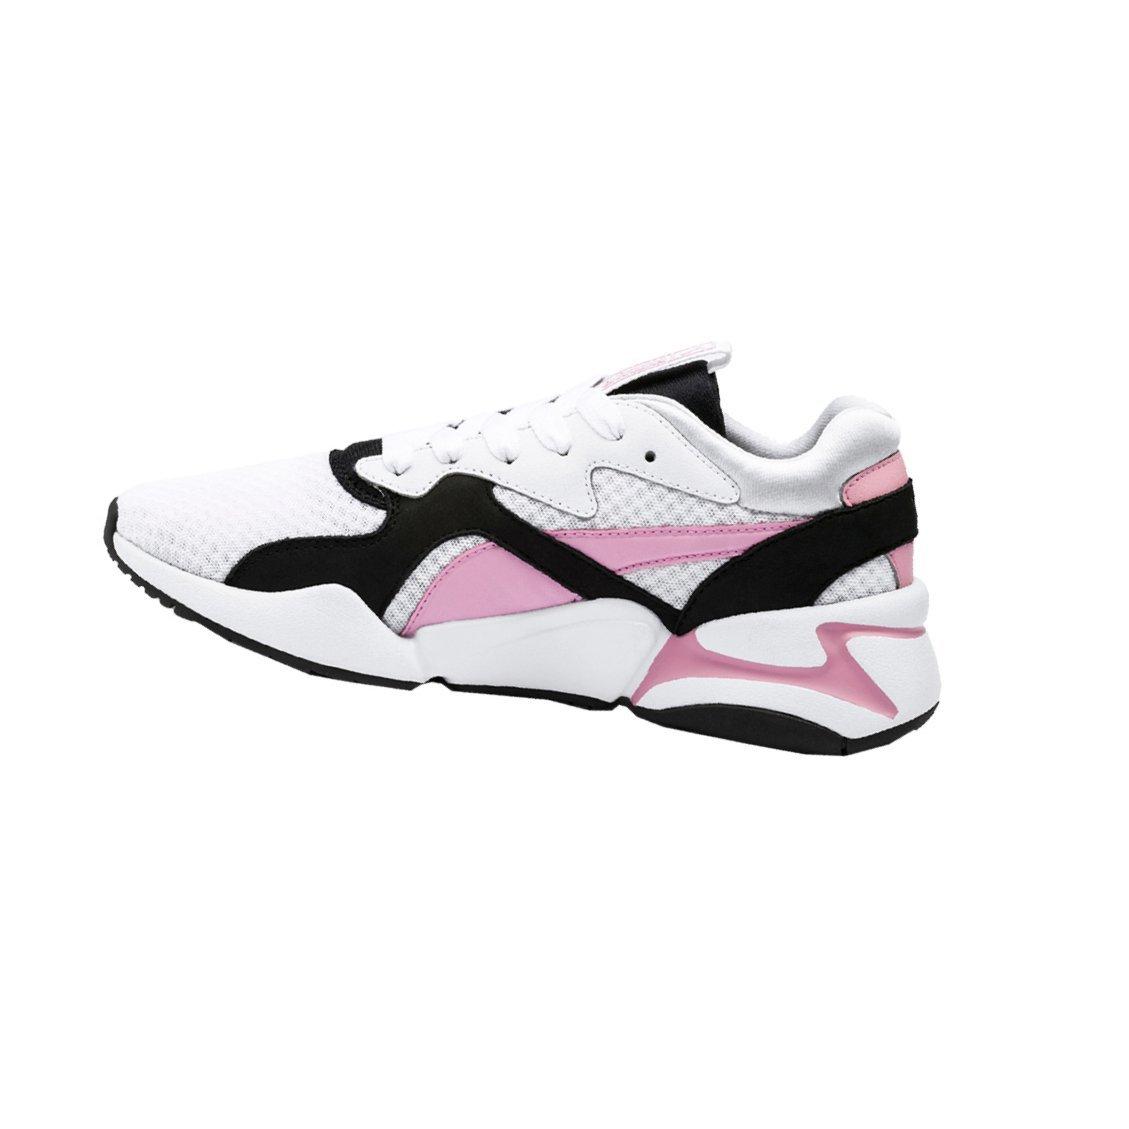 Schuhe Puma Nova 90 s Bloc Wn s